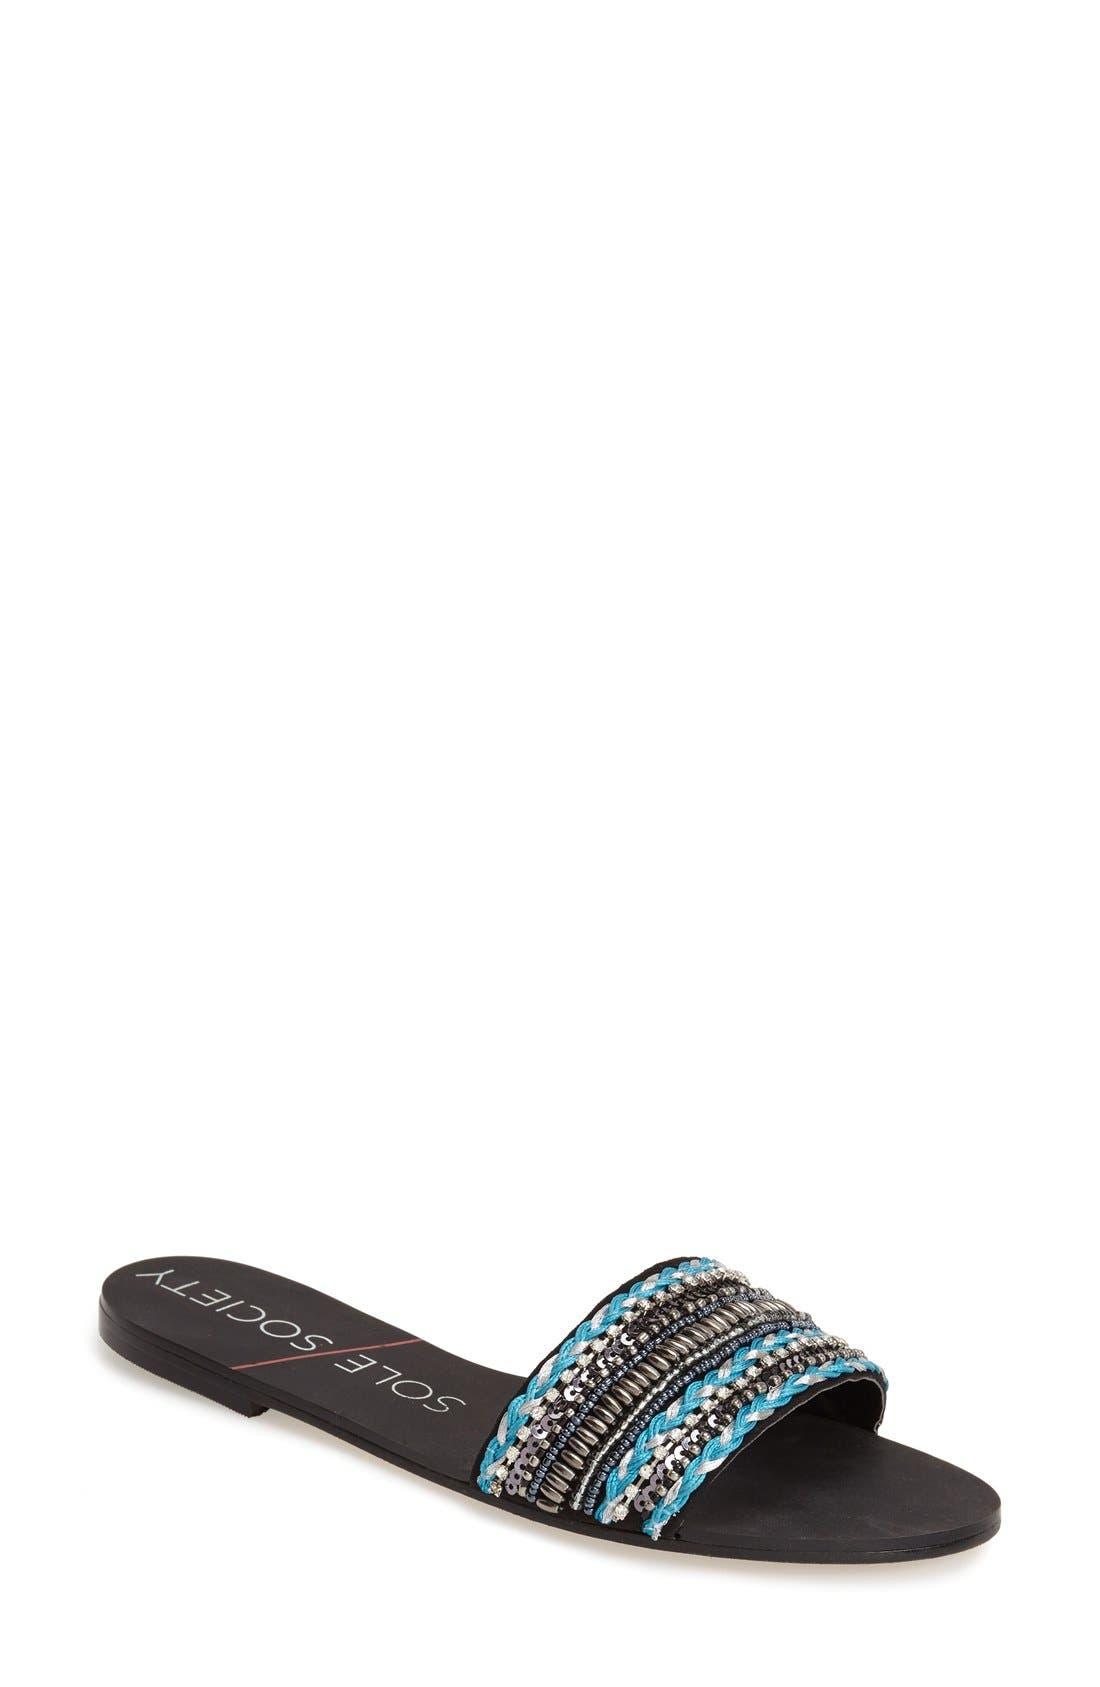 SOLE SOCIETY, 'Eliana' Slide Sandal, Main thumbnail 1, color, 001